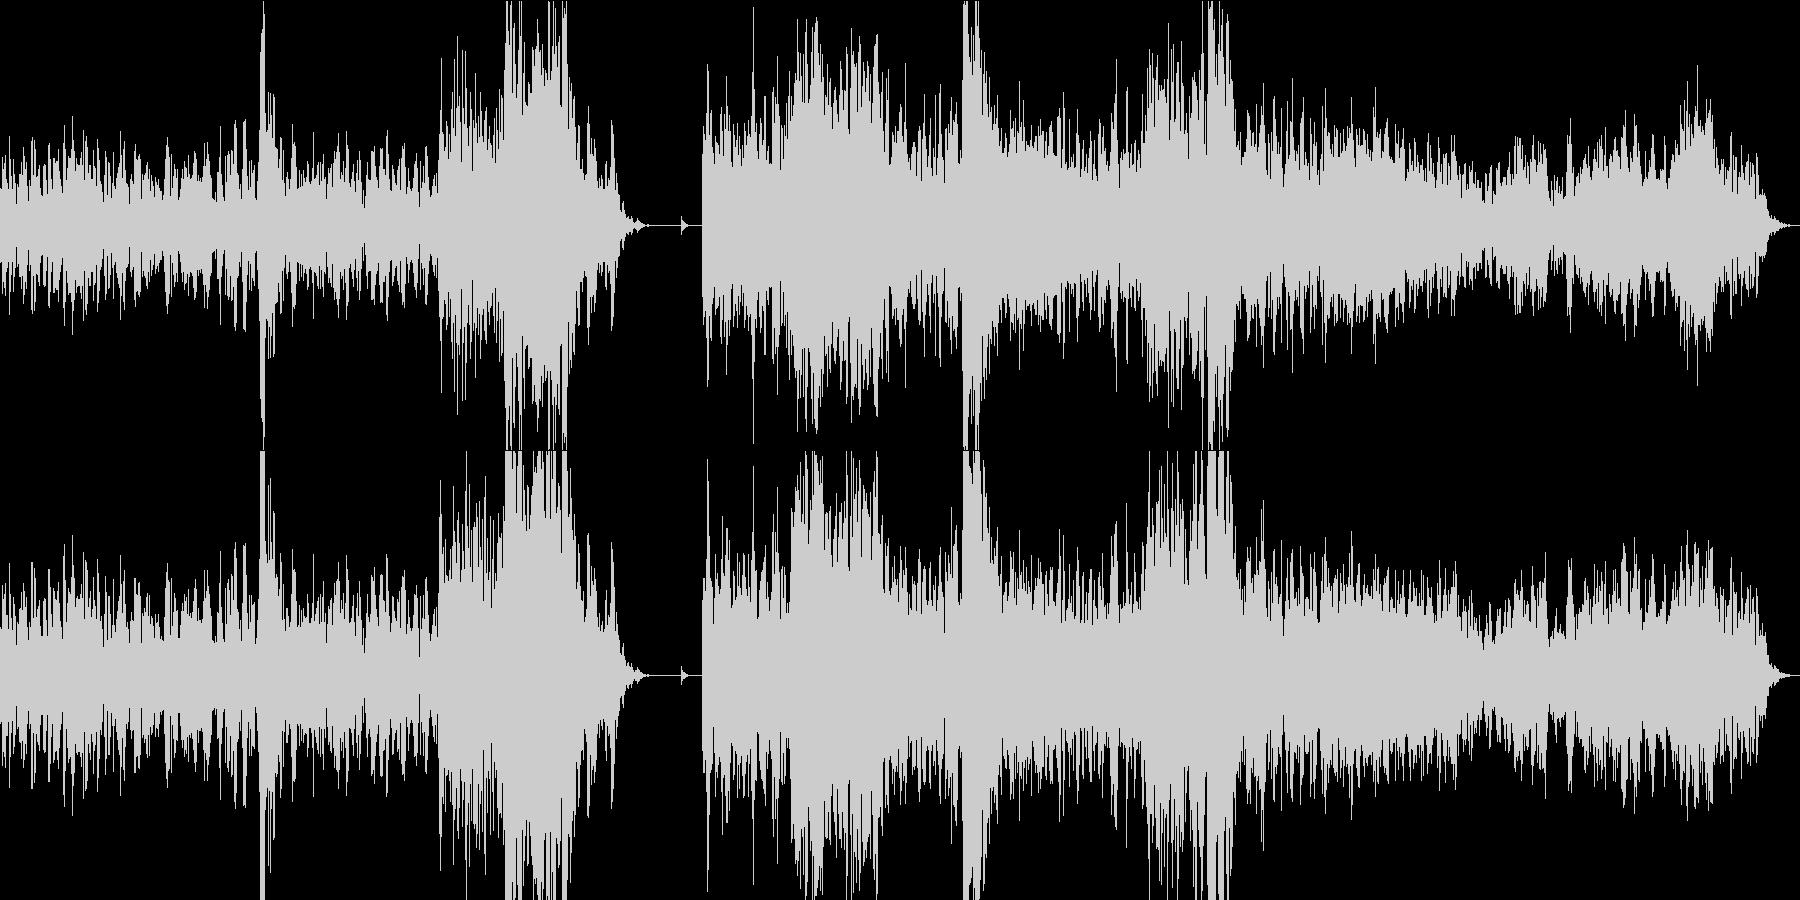 乾いた不気味なBGMの未再生の波形